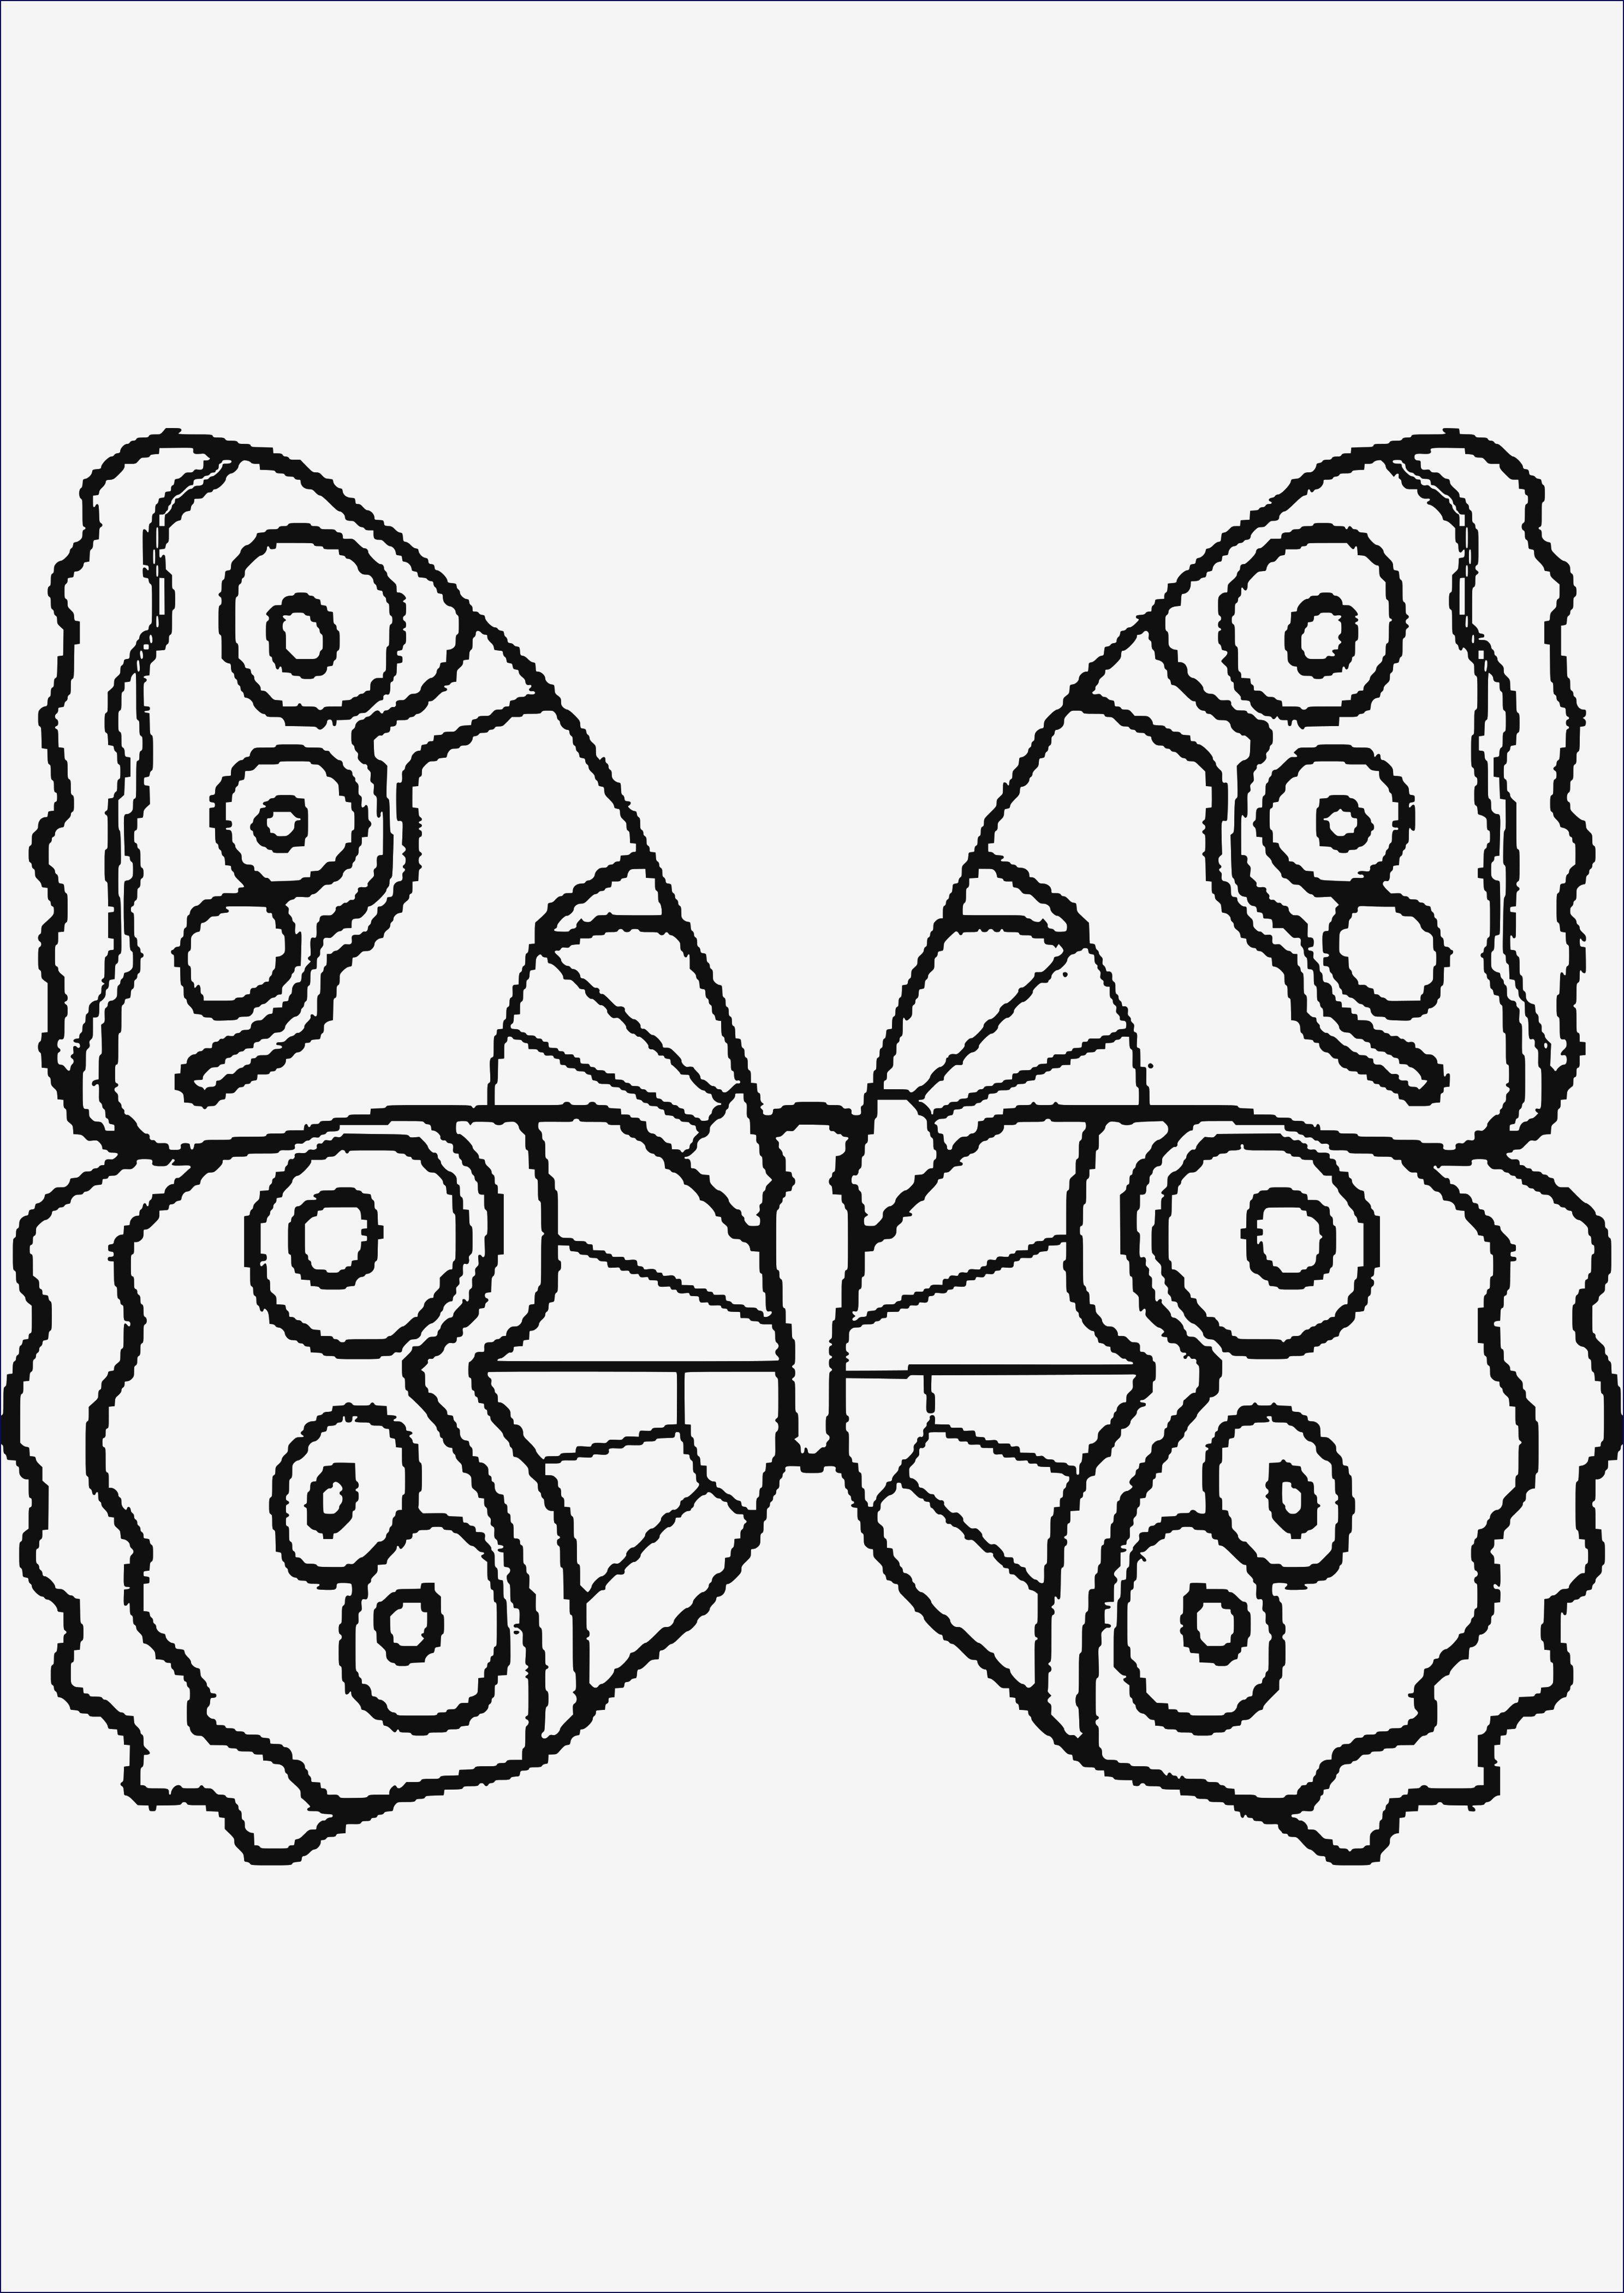 Mandalas Zum Ausmalen Schmetterling Frisch Malvorlagen Für Erwachsene Kostenlose Druckvorlagen Frisch Bild